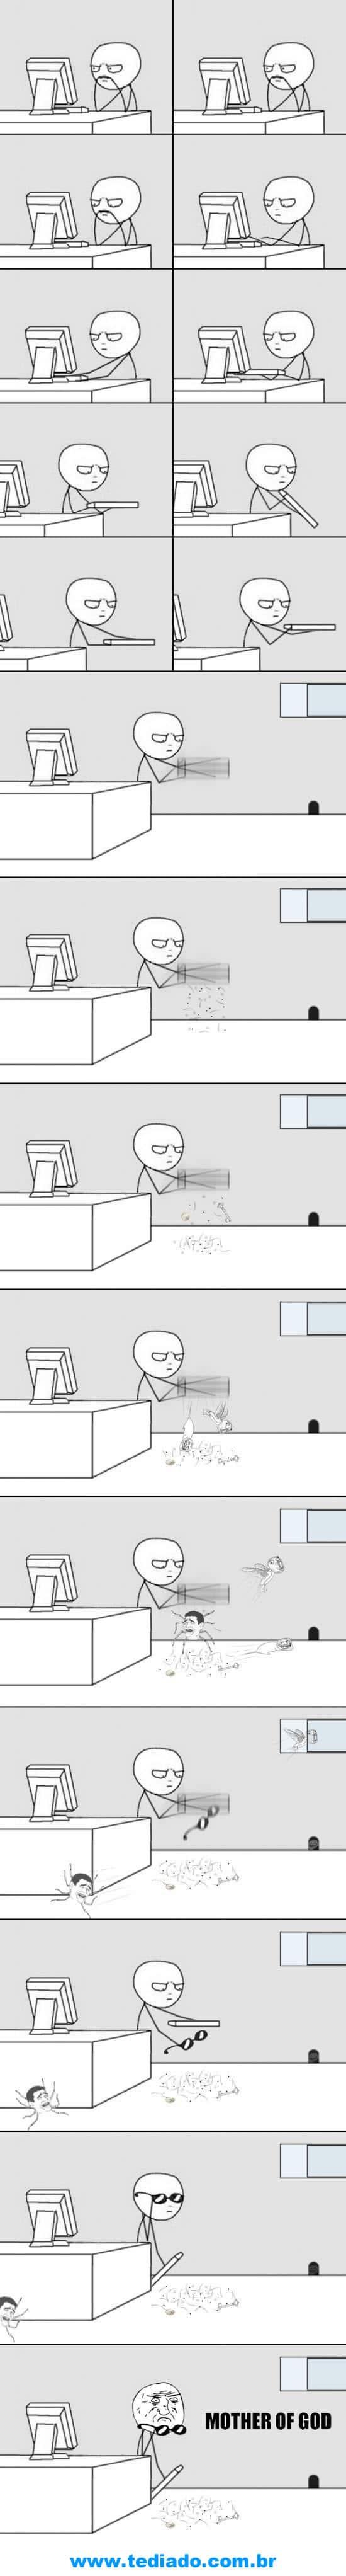 Quando eu decidi limpar meu teclado. 4